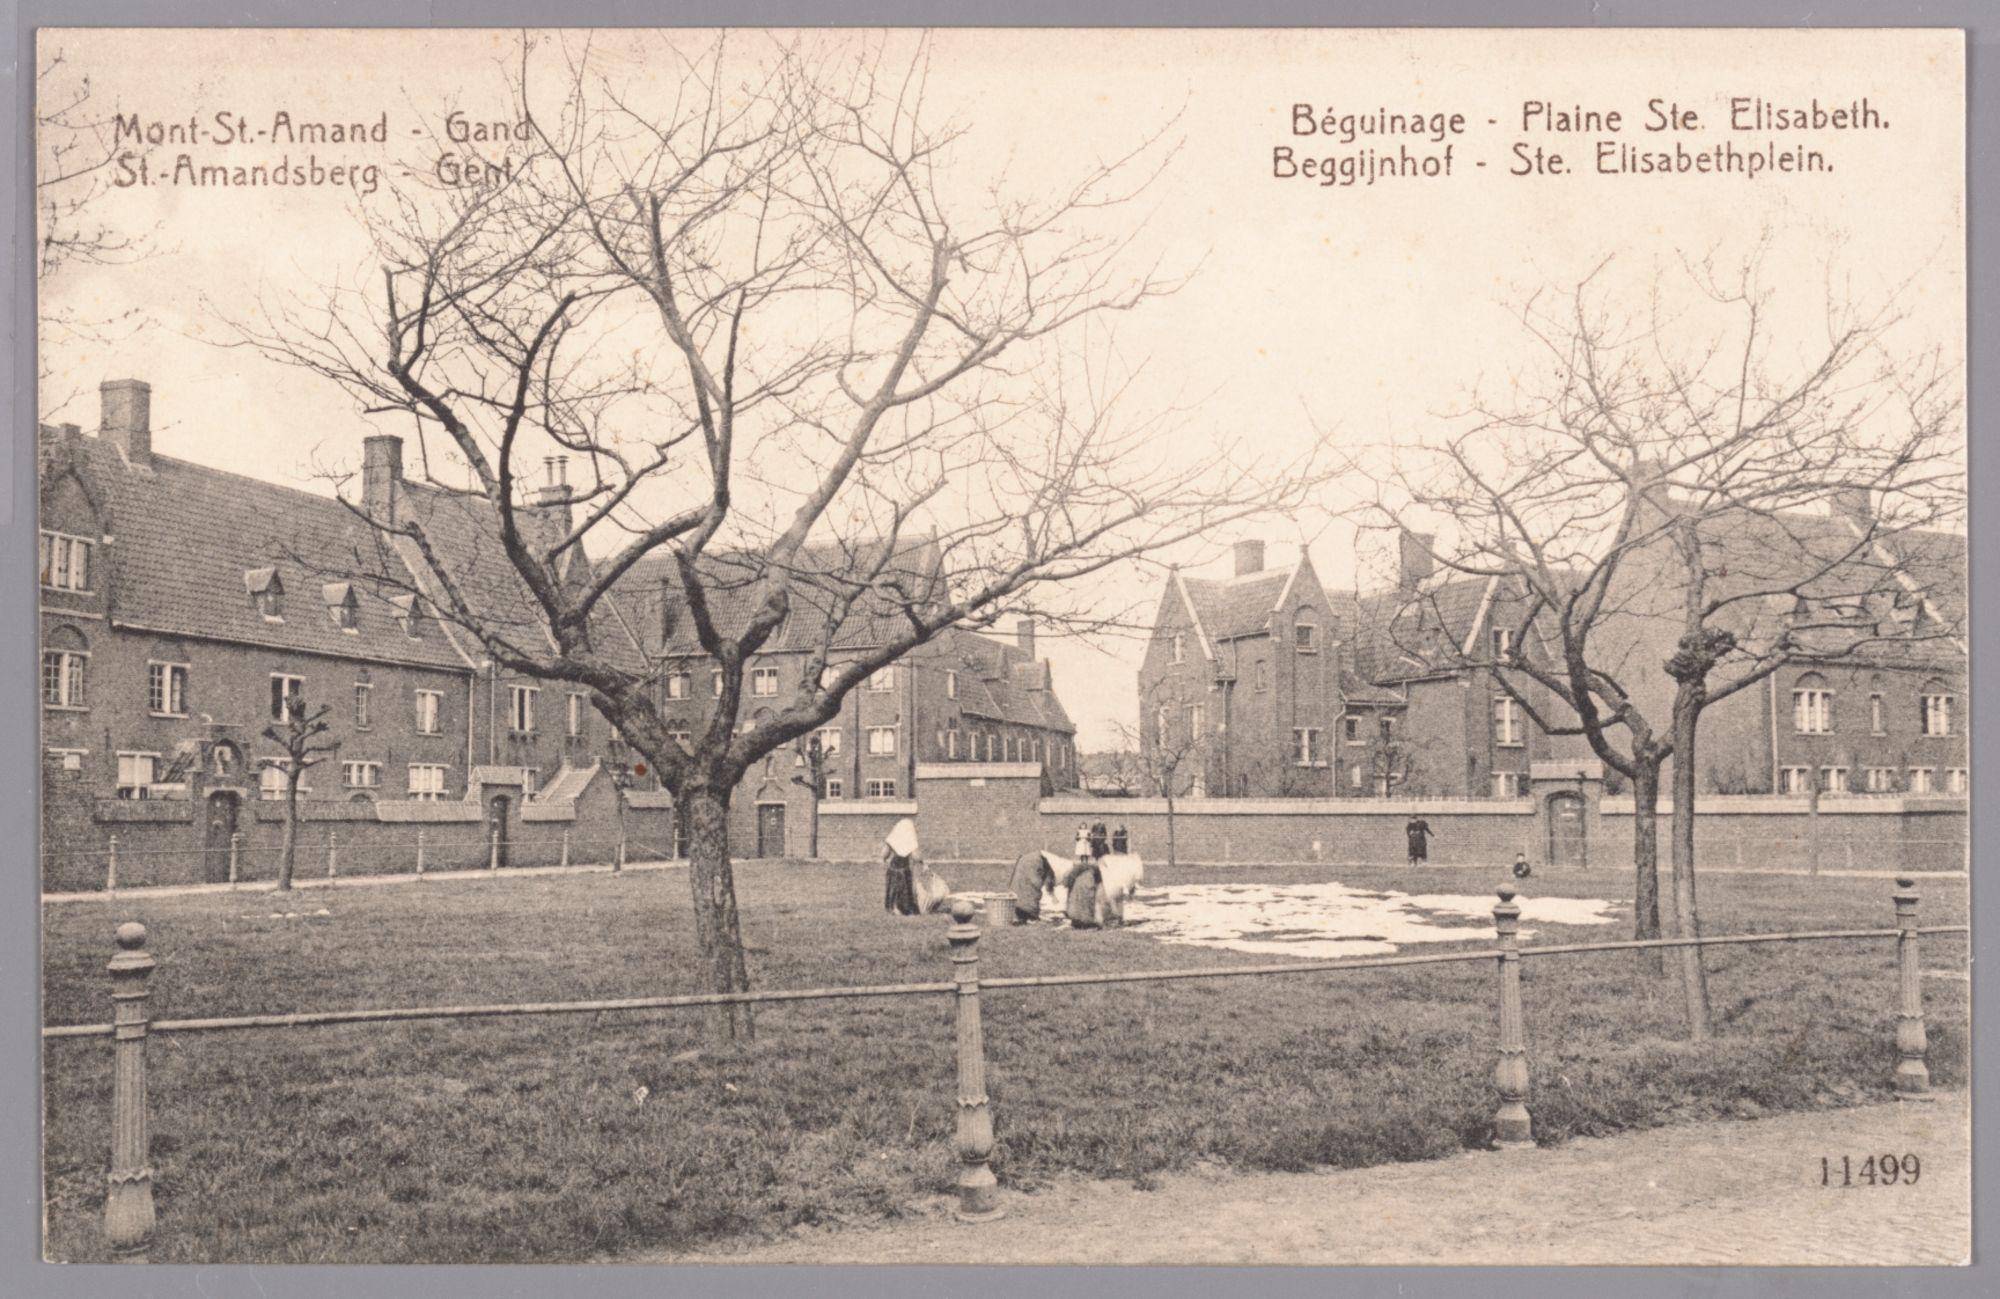 Sint-Amandsberg: Groot Begijnhof: begijnen bleken het linnen op het binnenplein